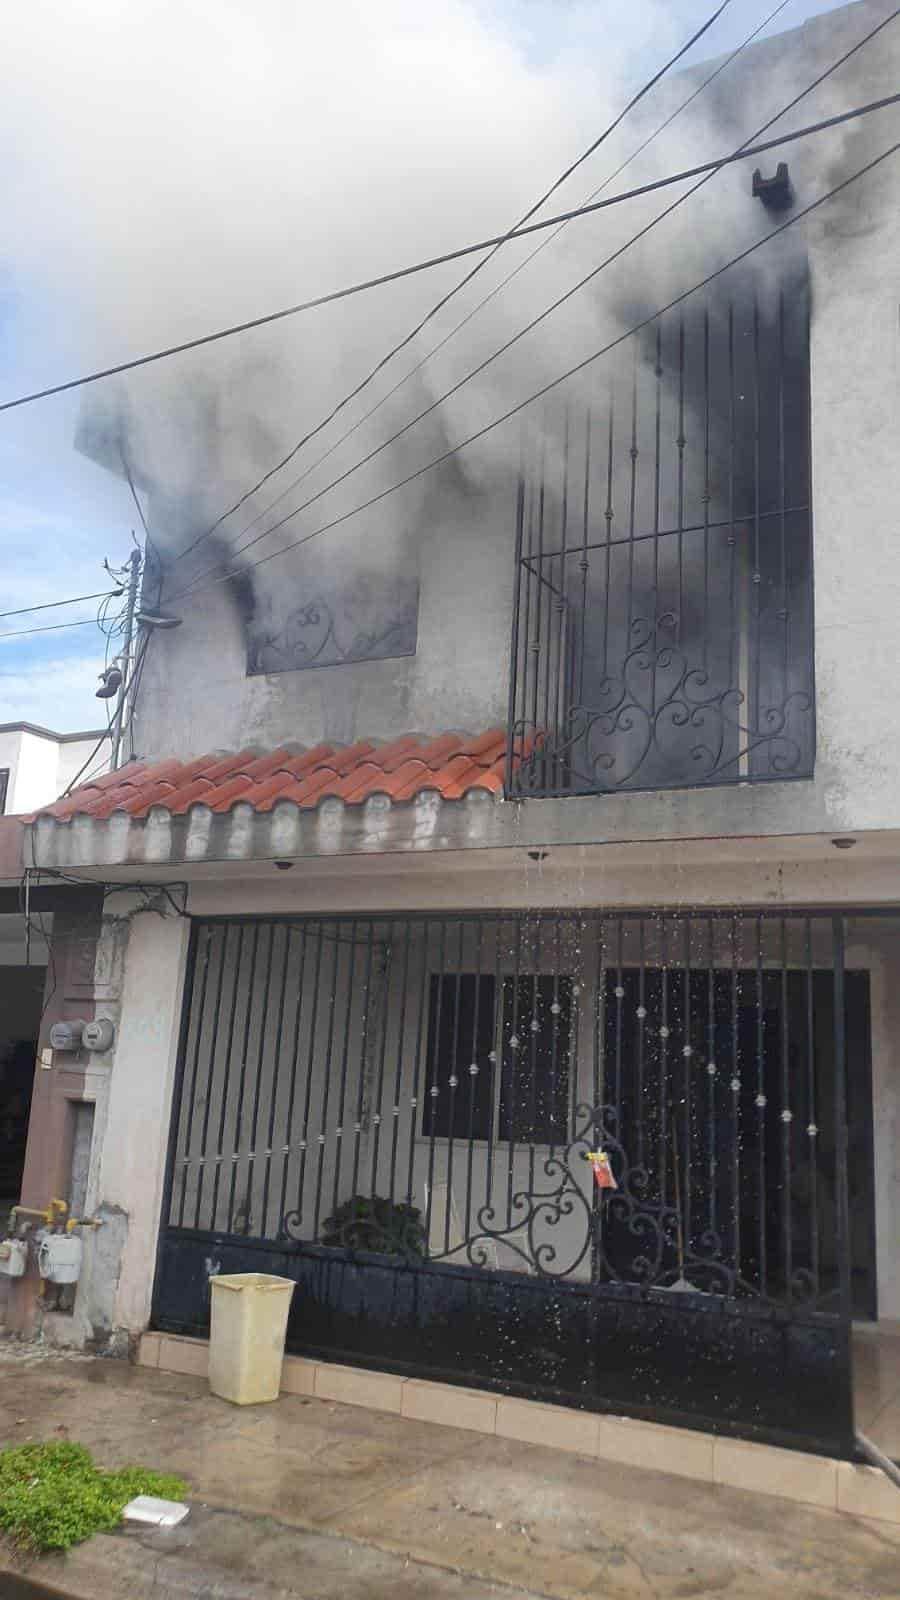 Reportaron el incendio de una vivienda de Apodaca